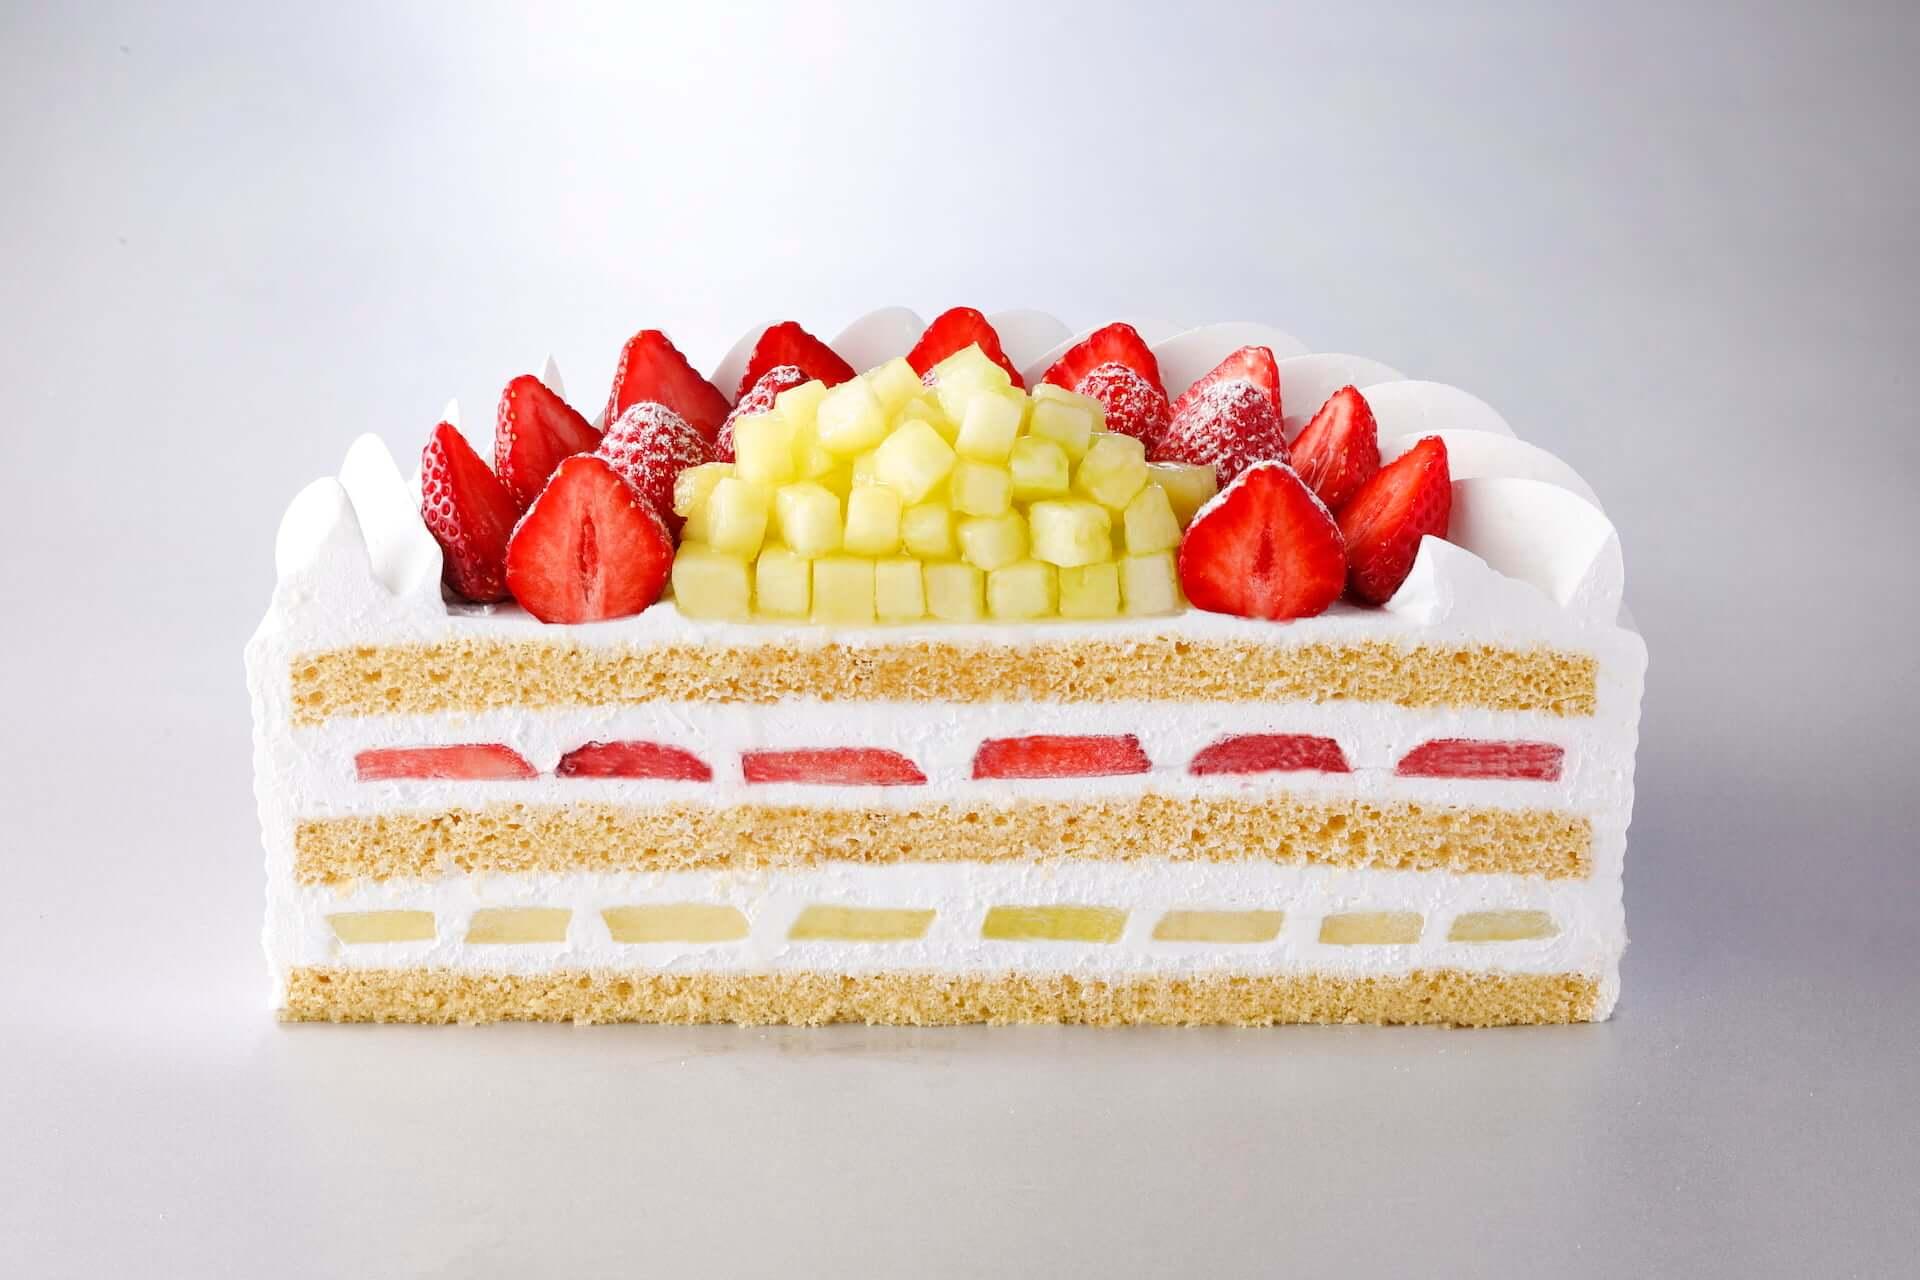 ホテルニューオータニ「パティスリーSATSUKI」にてクリスマスケーキの予約販売がスタート!『スーパーオペラ』『クリスマスタワー』など続々登場 gourmet201005_newotani_1-1920x1280